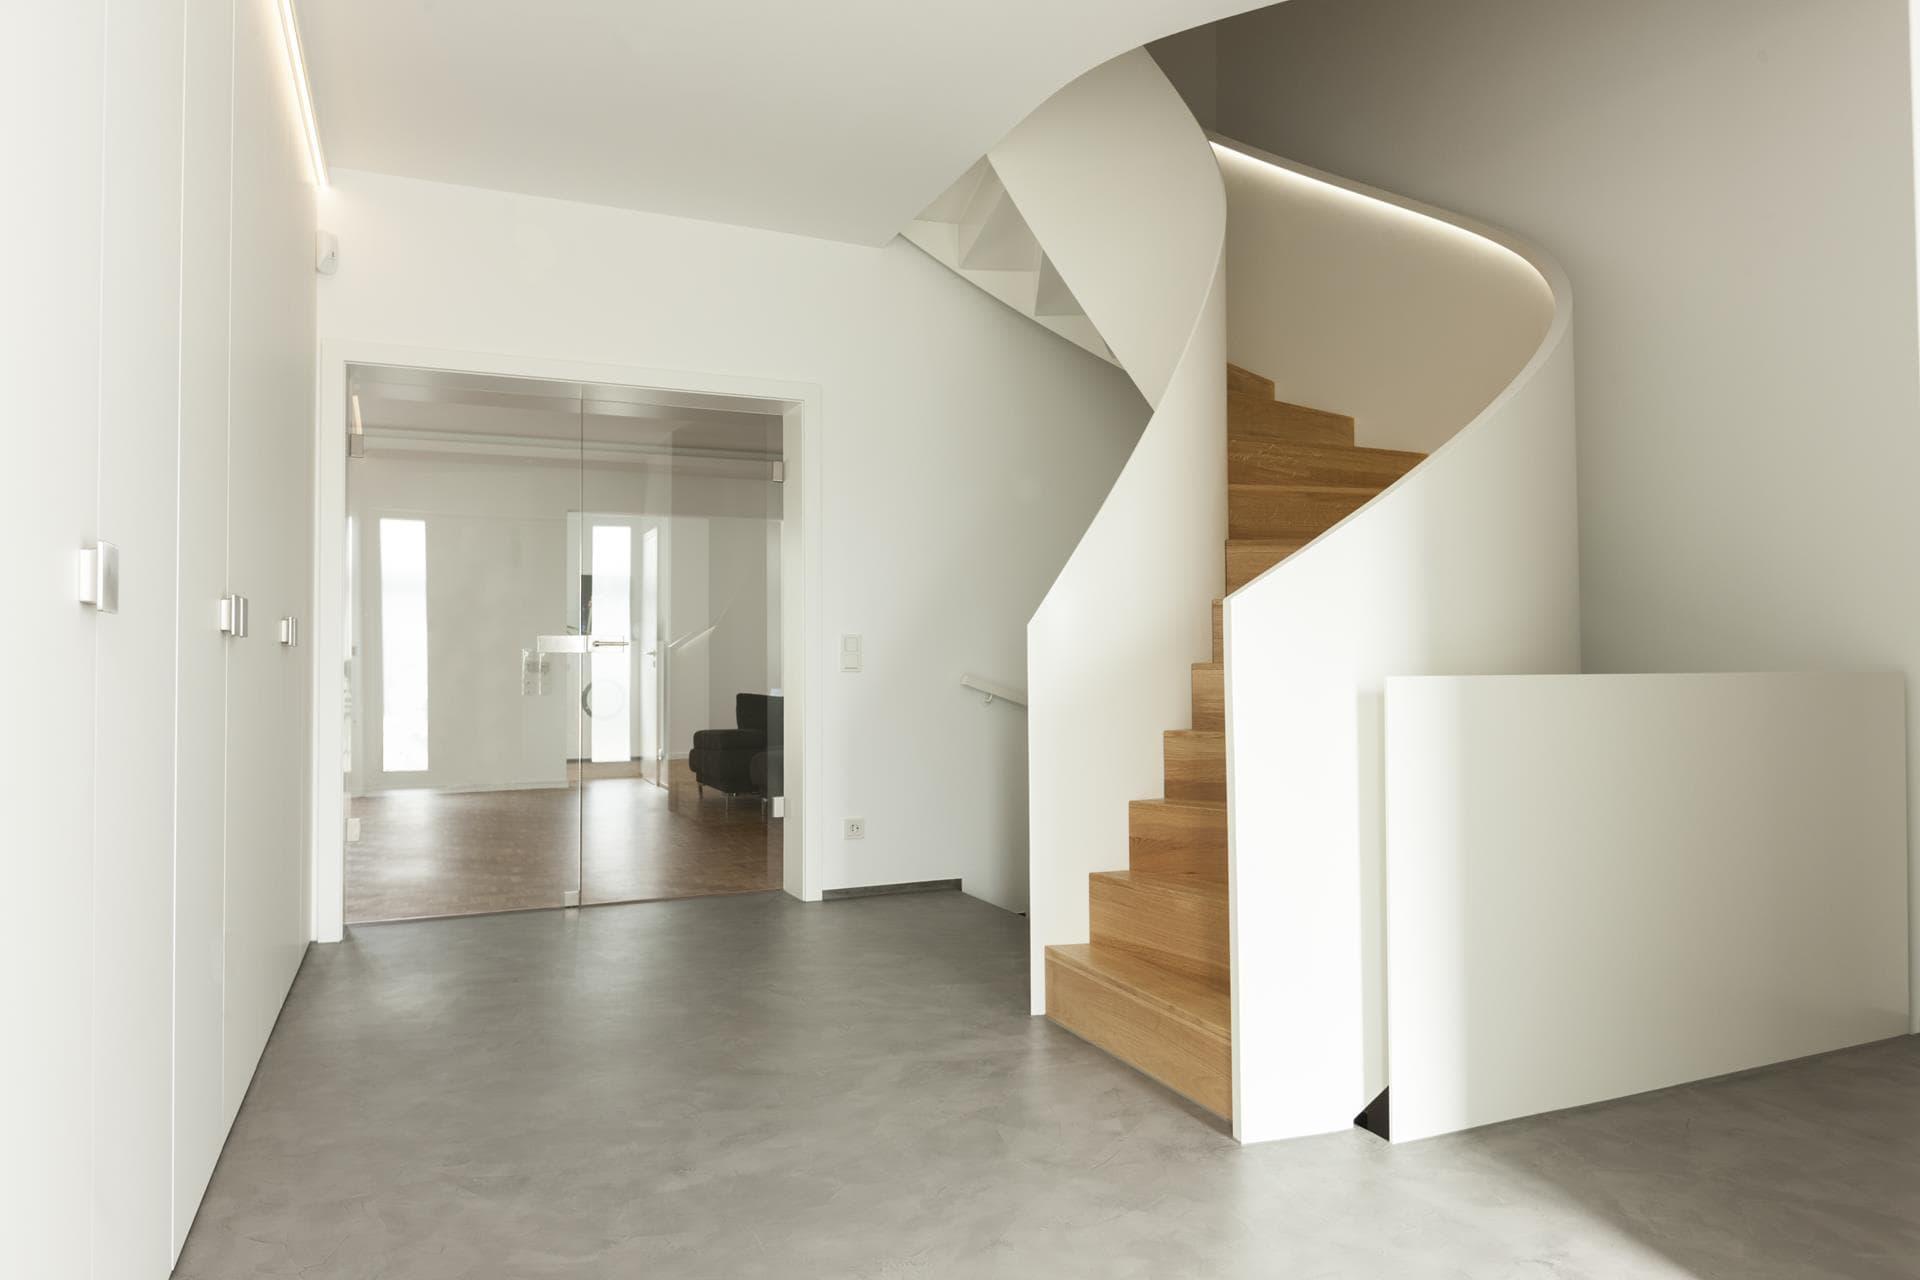 Rufle Fußboden Bad Säckingen ~ Fußboden modern » dekorativ fussboden modern verzierung lamelliert